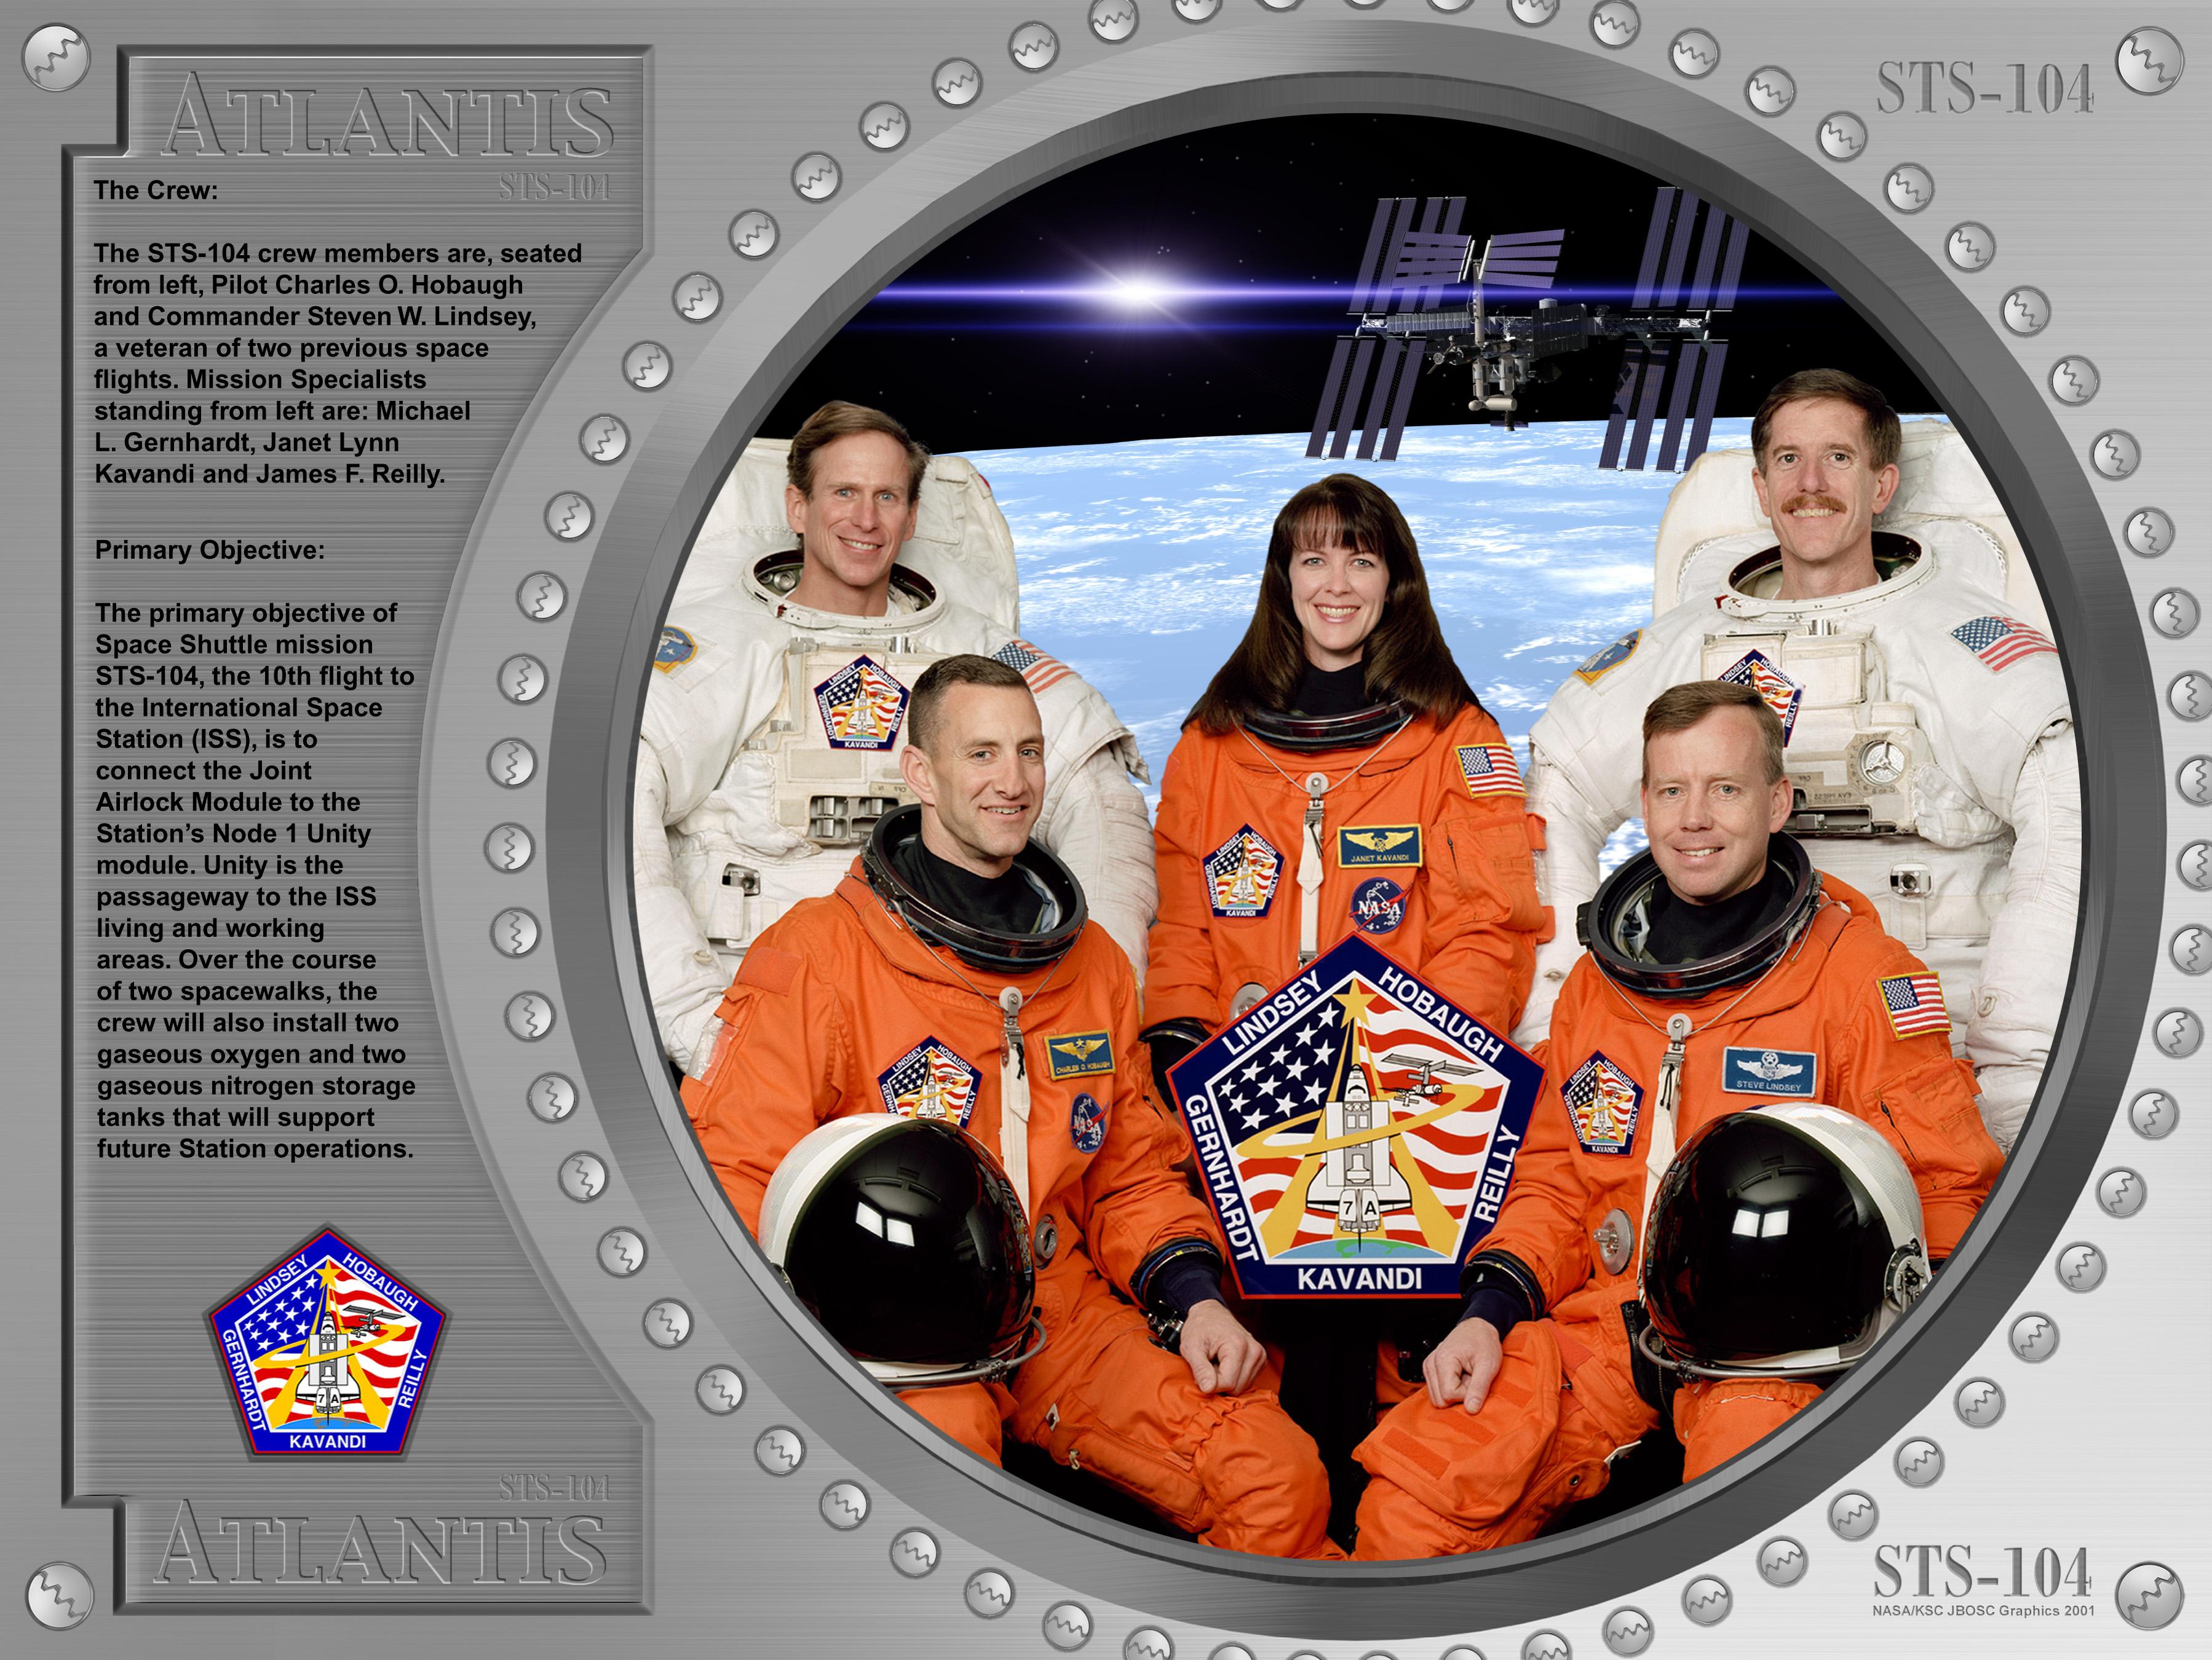 STS-104 crew poster. Image credit NASA